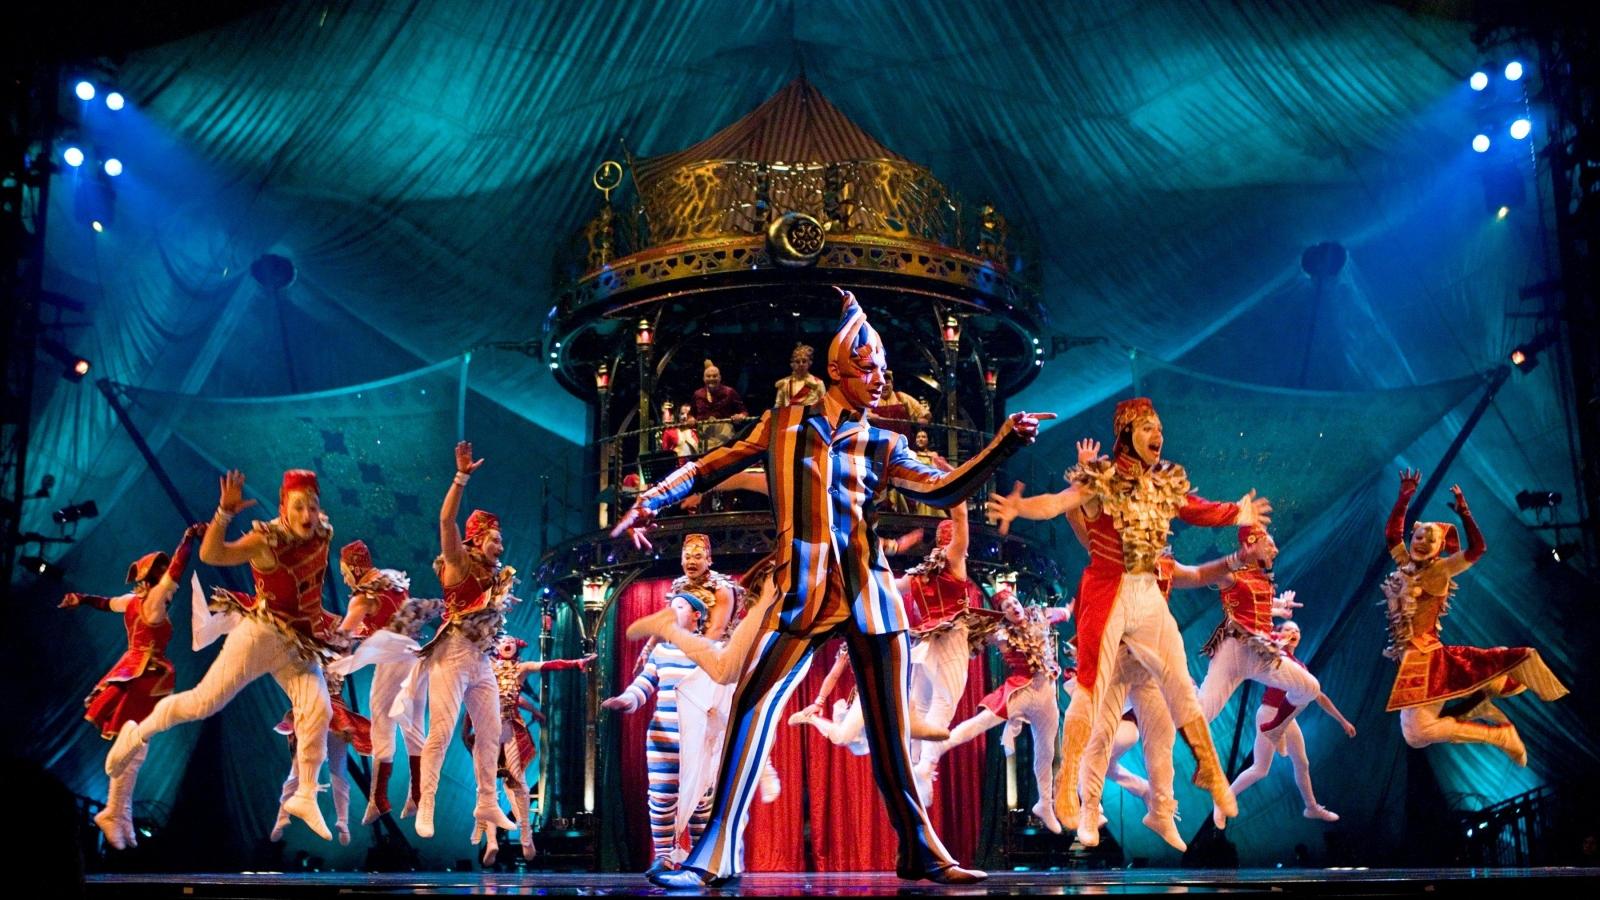 """Gánh xiếc toàn cầu """"Cirque du Soleil"""" phá sản vì dịch Covid-19"""